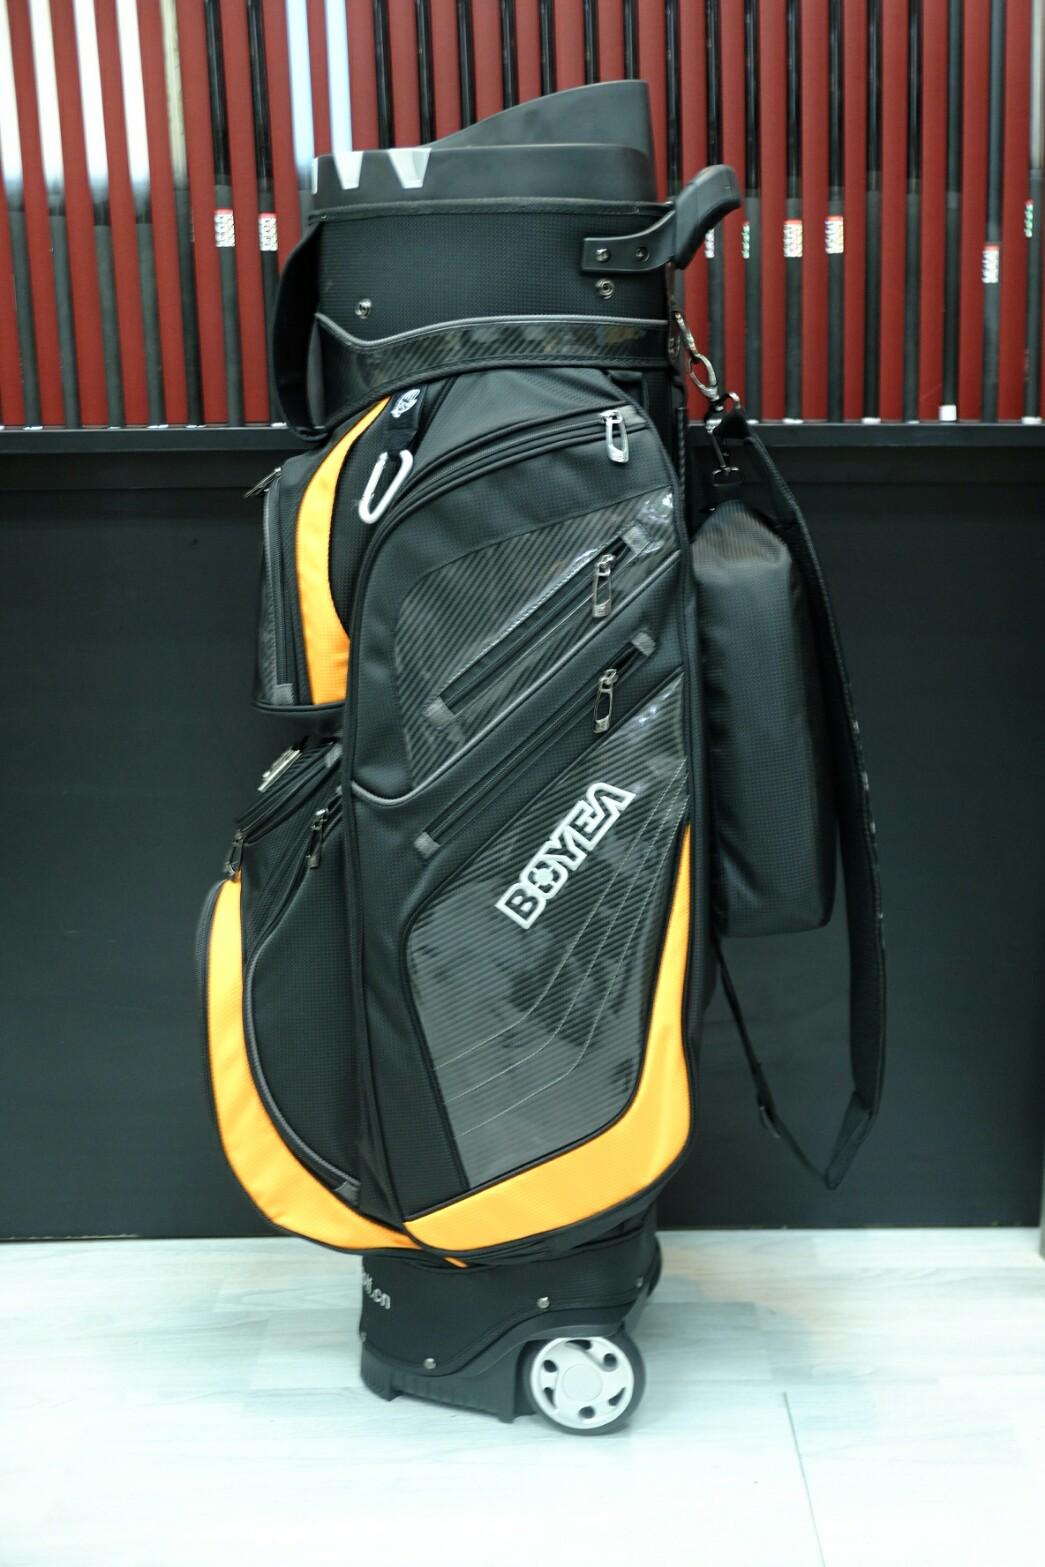 Golfbag Travel Boyea 14 Slot